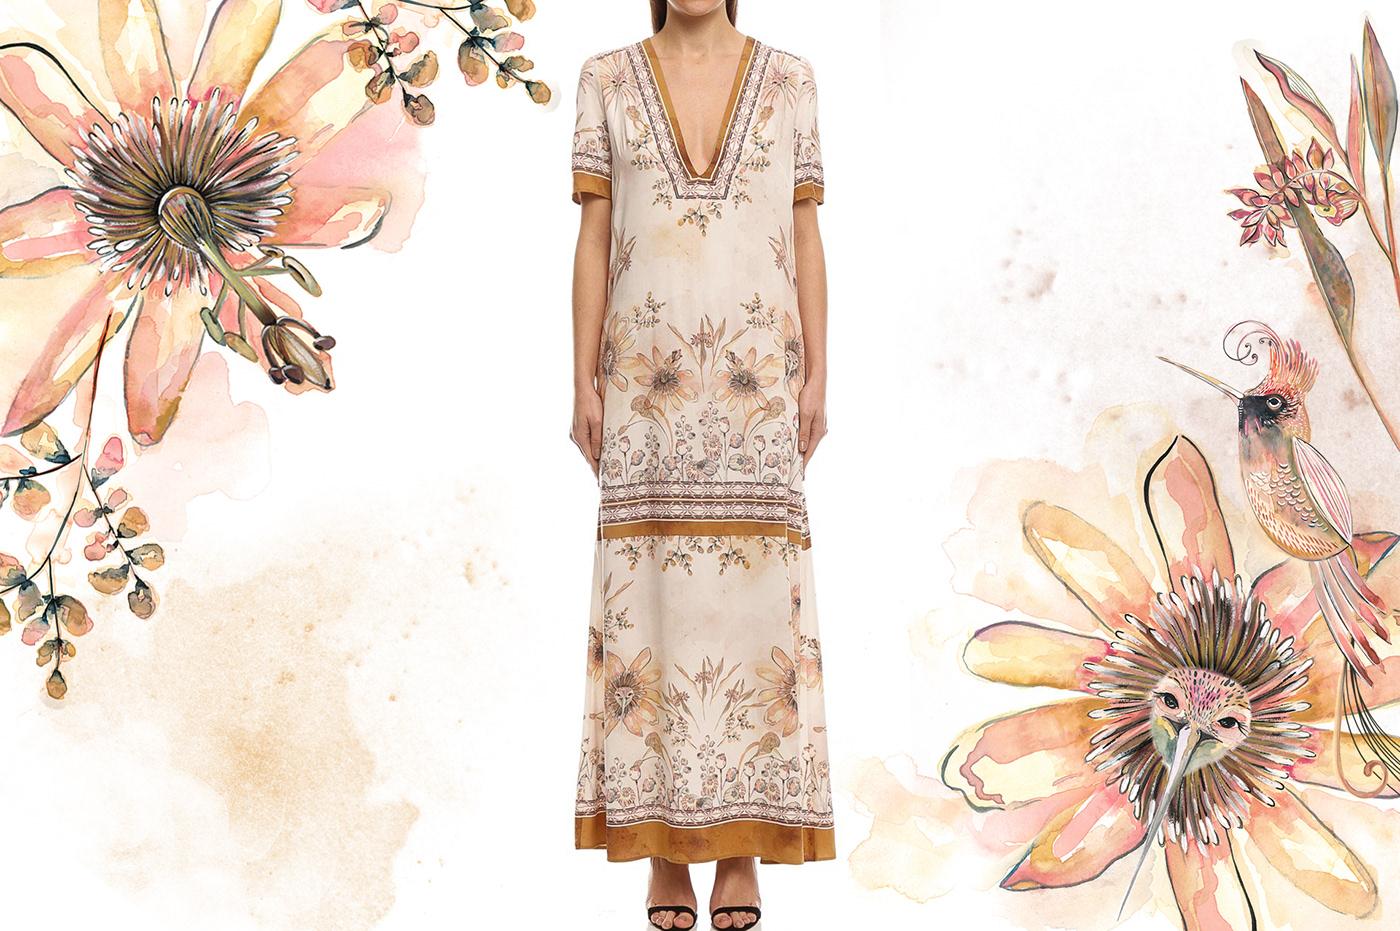 Aqueralle art Fashion  flower marcas moda summer textile textiledesign watercolour